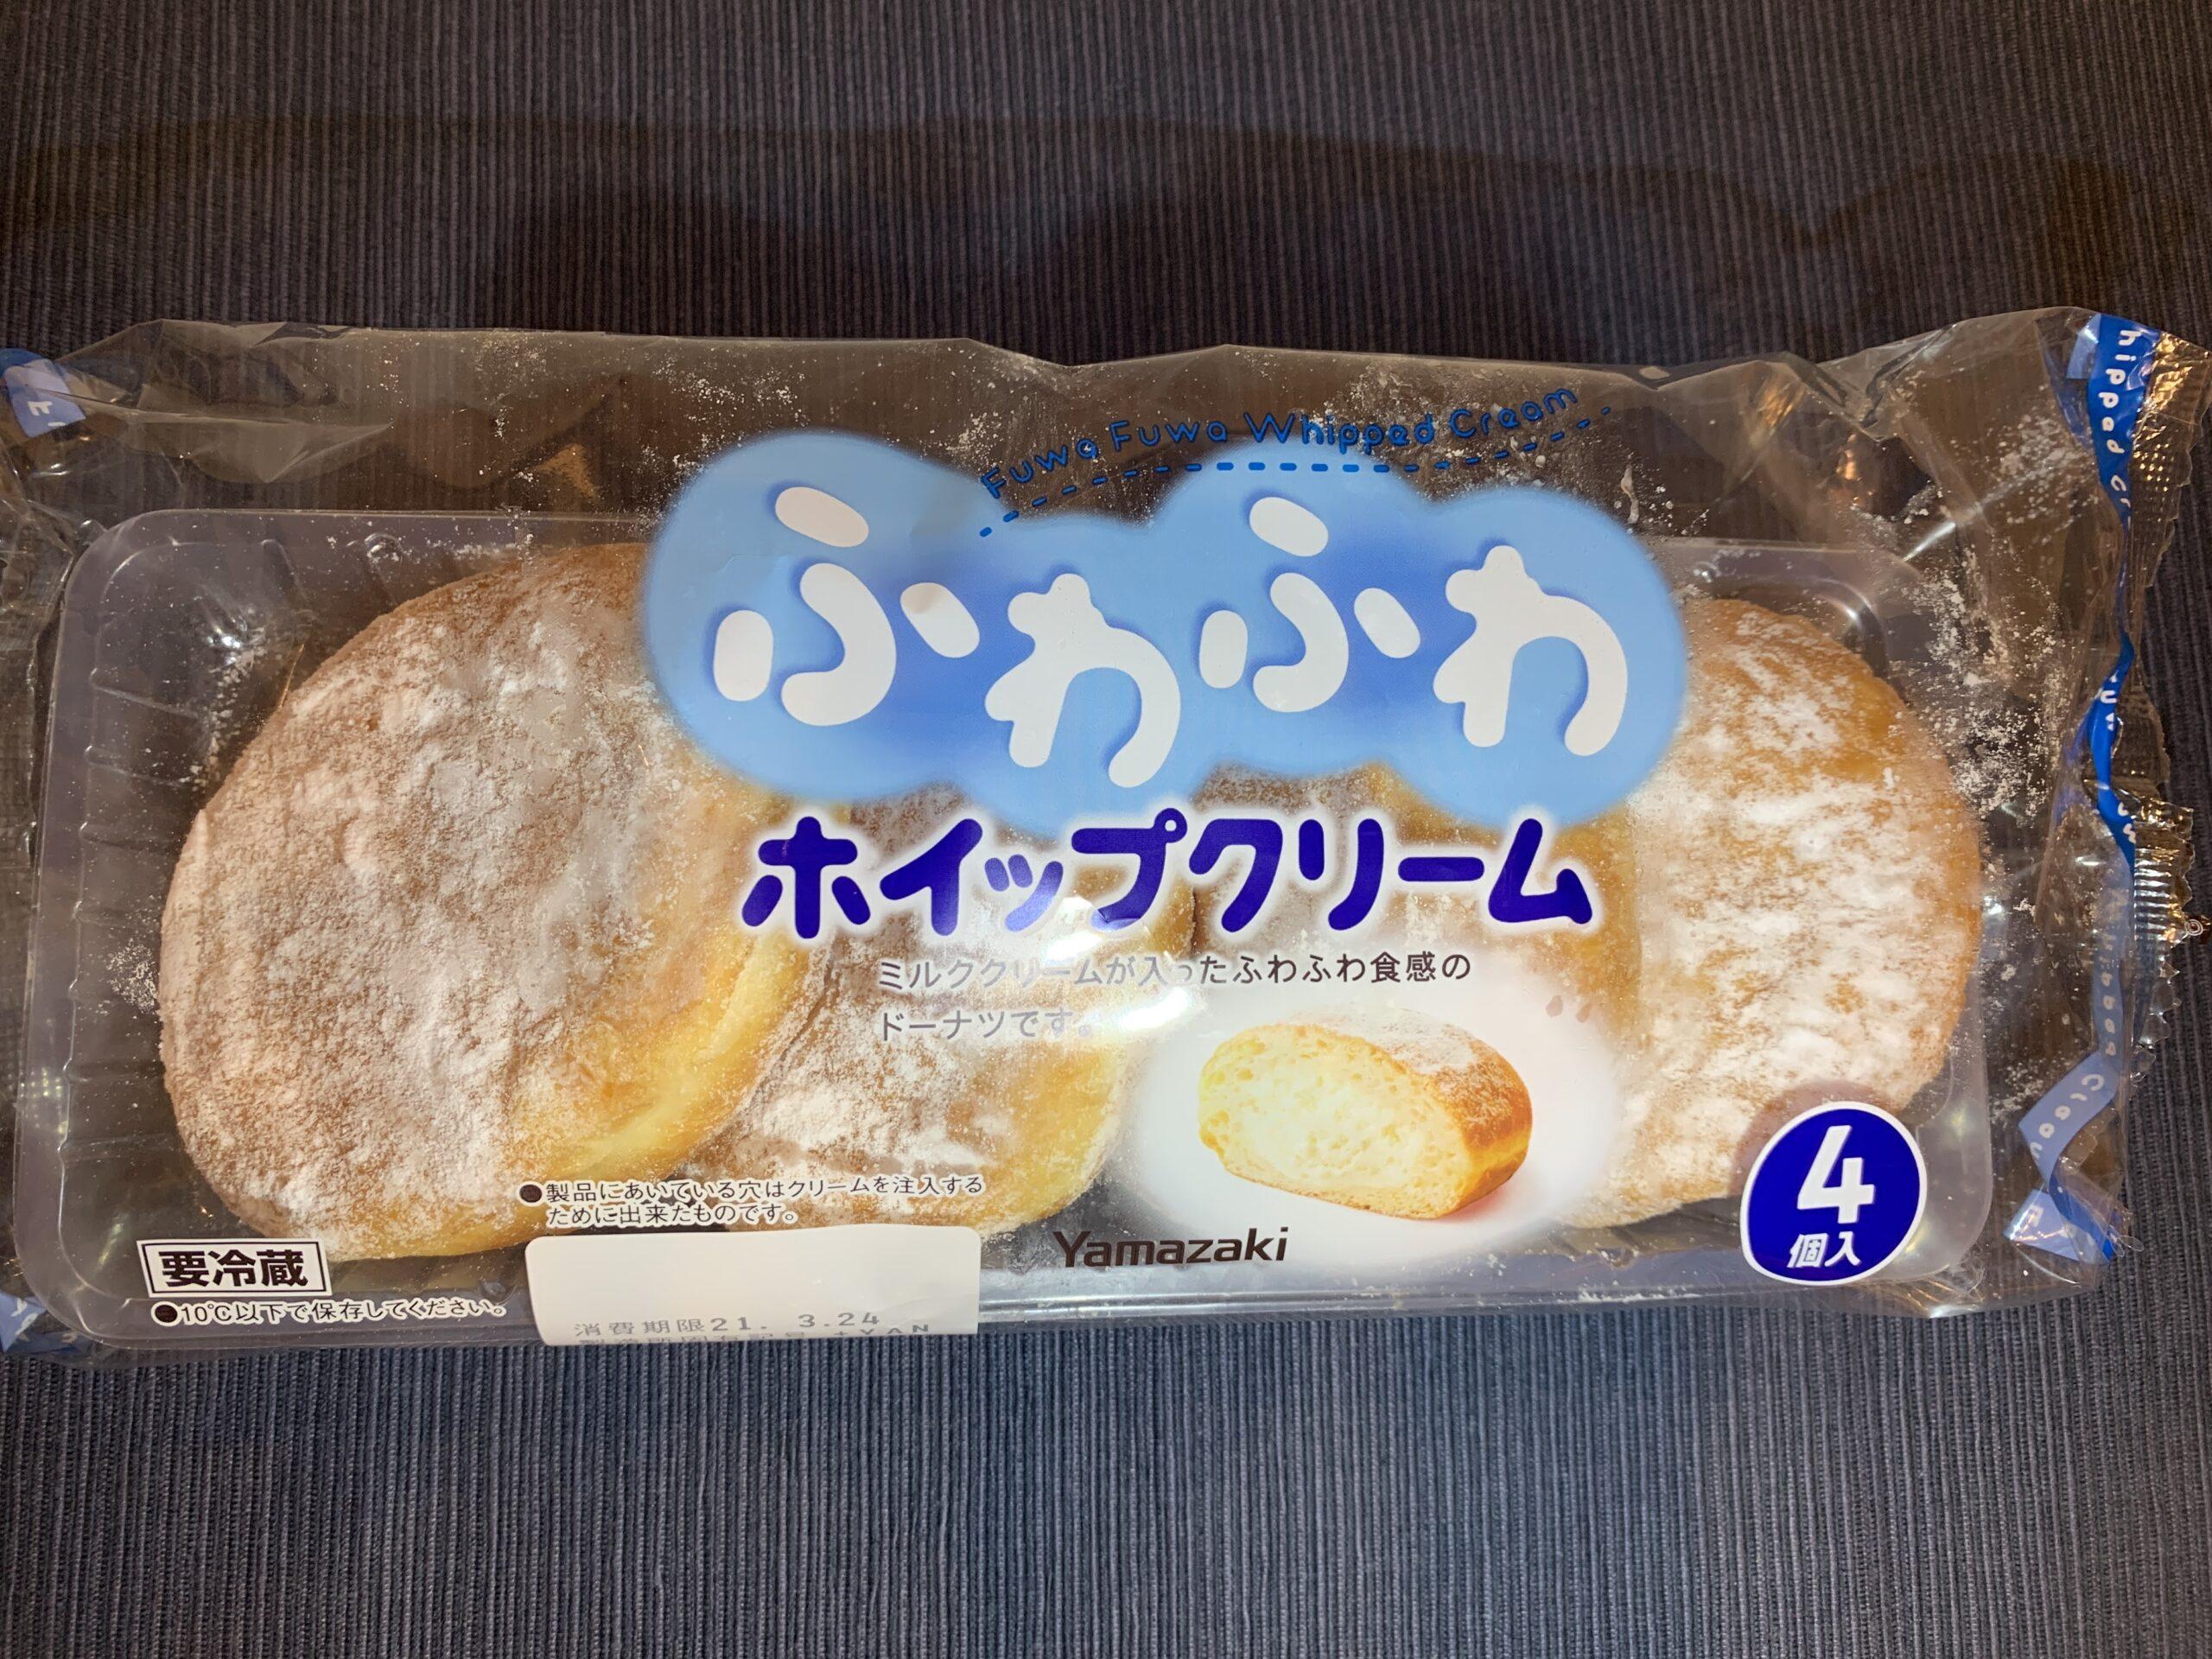 山崎製パンのエンゼルクリームこと、ふわふわホイップクリームは美味しい?